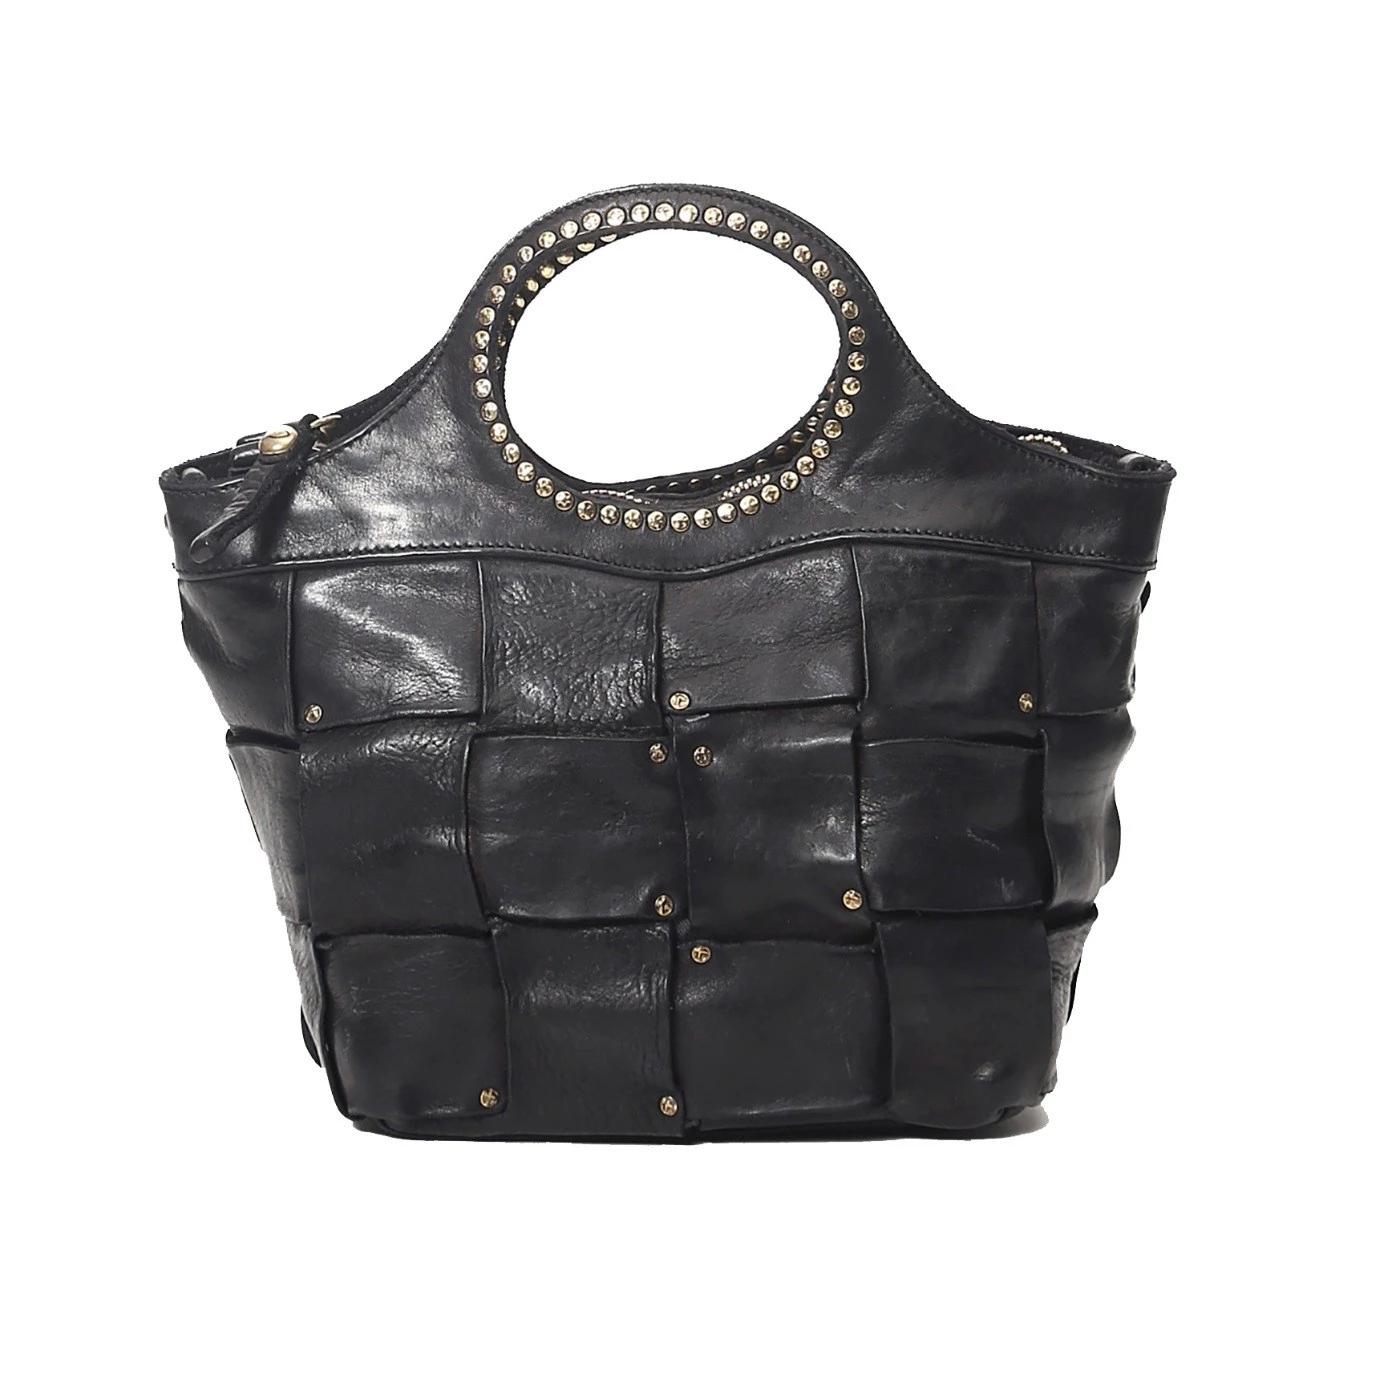 Campomaggi Shopping C025760 borsa in pelle intrecciata nera